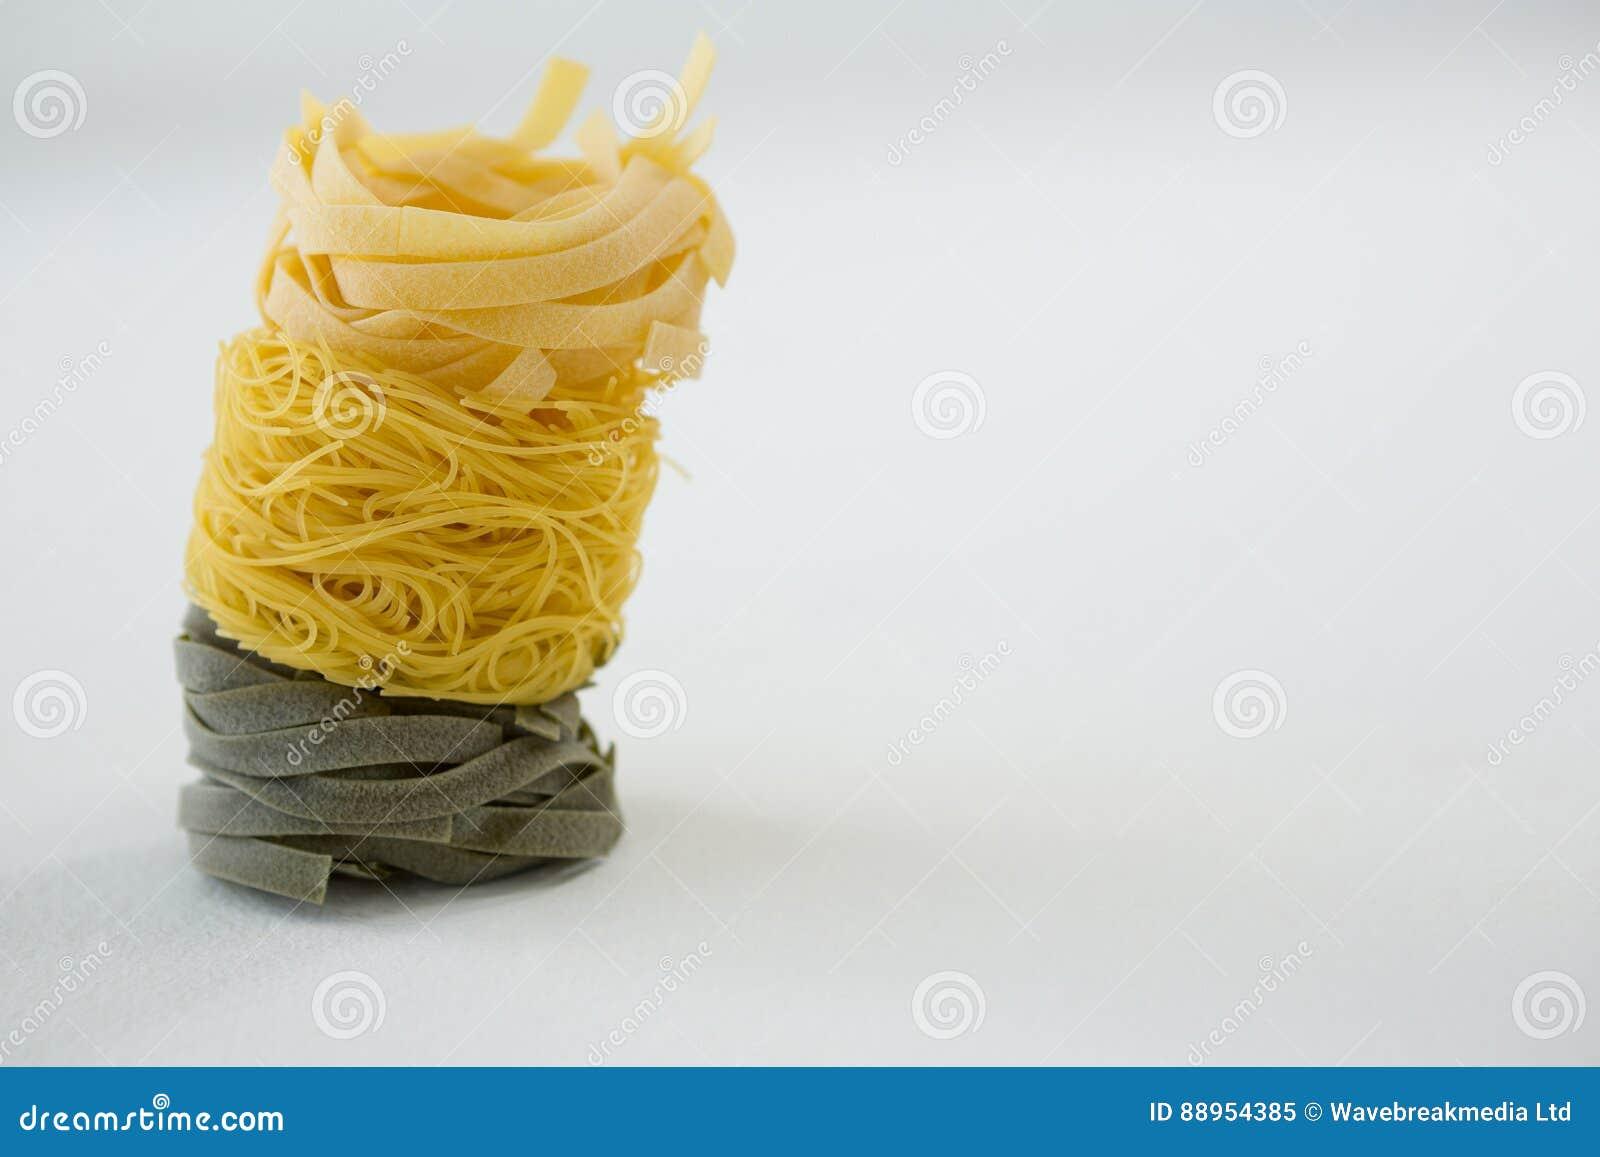 stack of tagliatelle and capellini pasta stock photo image 88954385